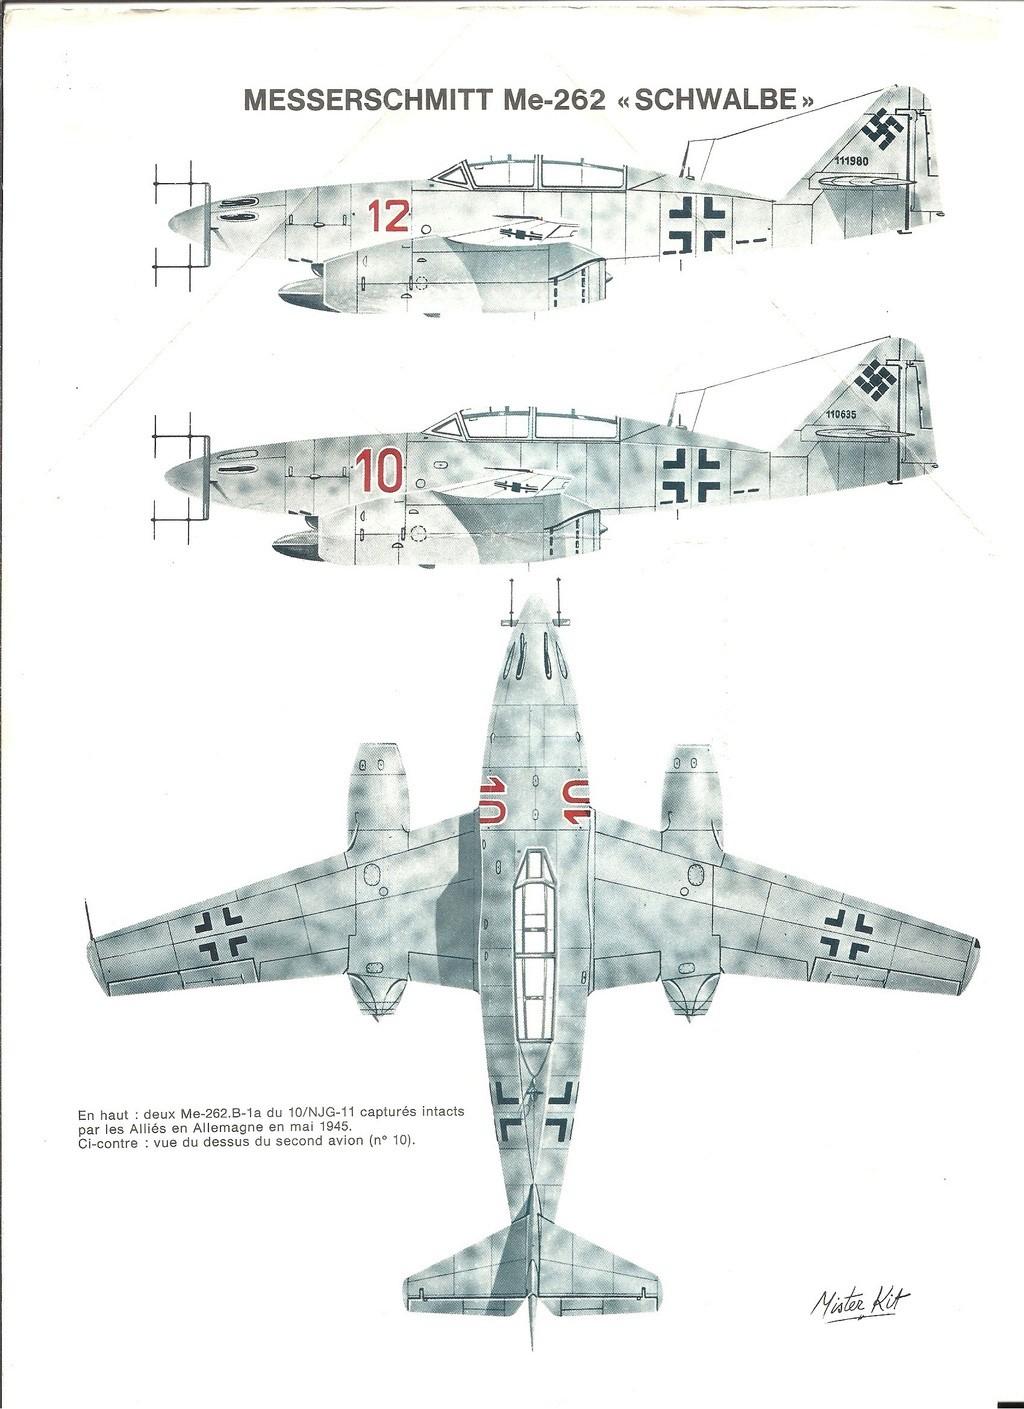 rubrique hommage  à Mister Kit  - Page 2 Mach_116